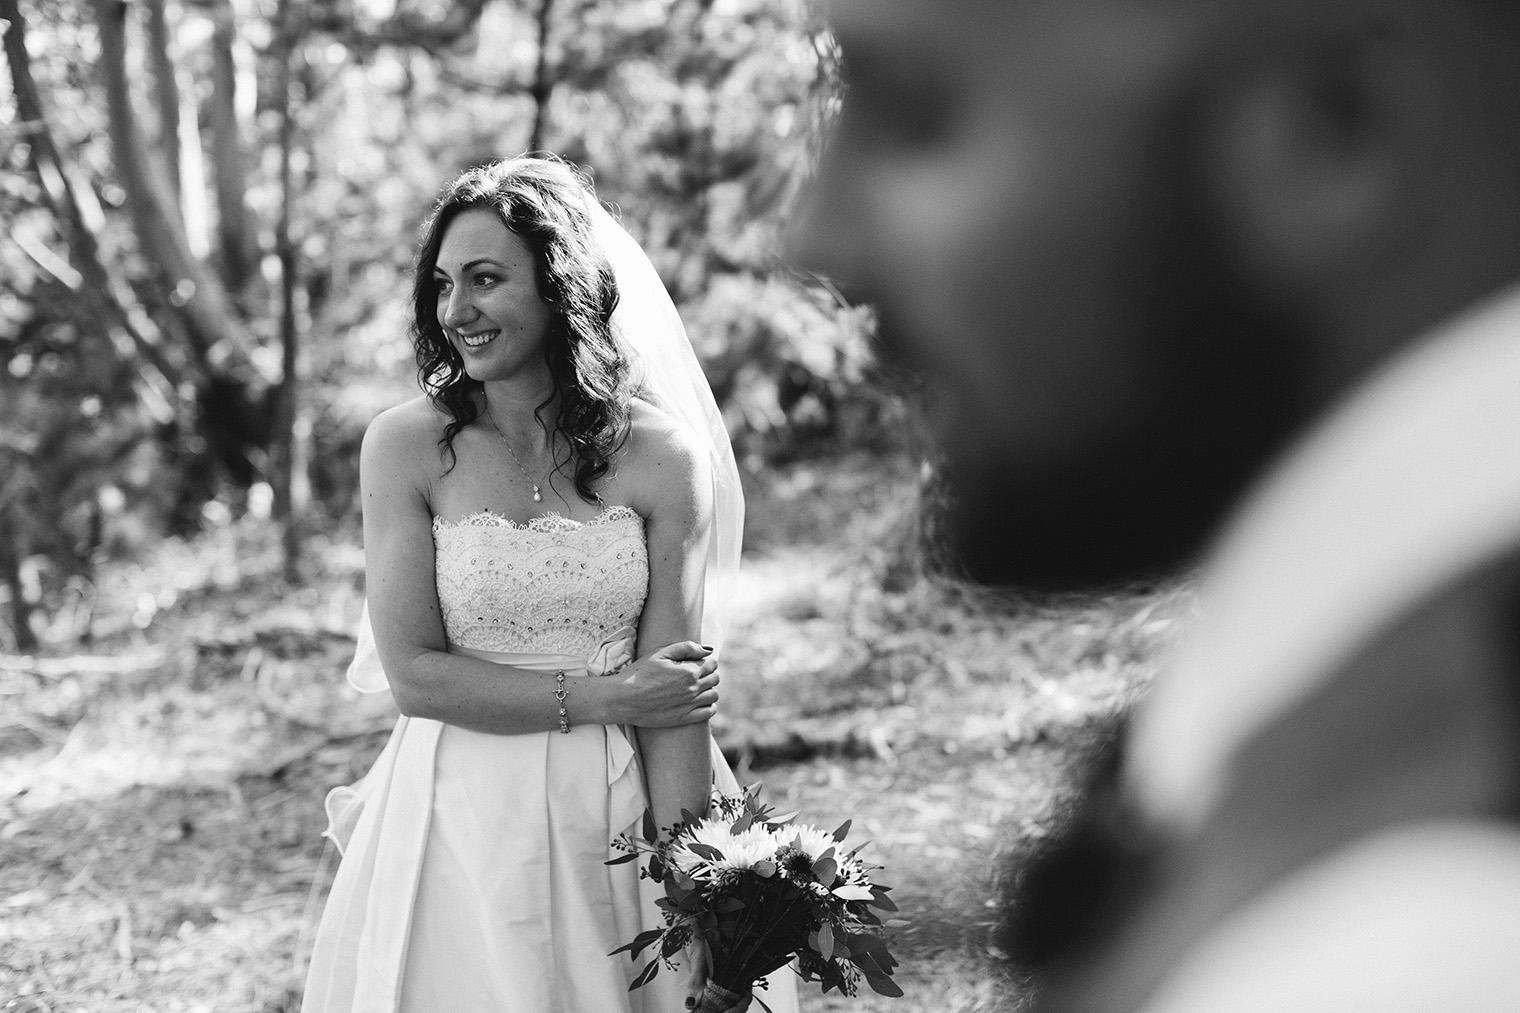 muir beach overlook bride and groom